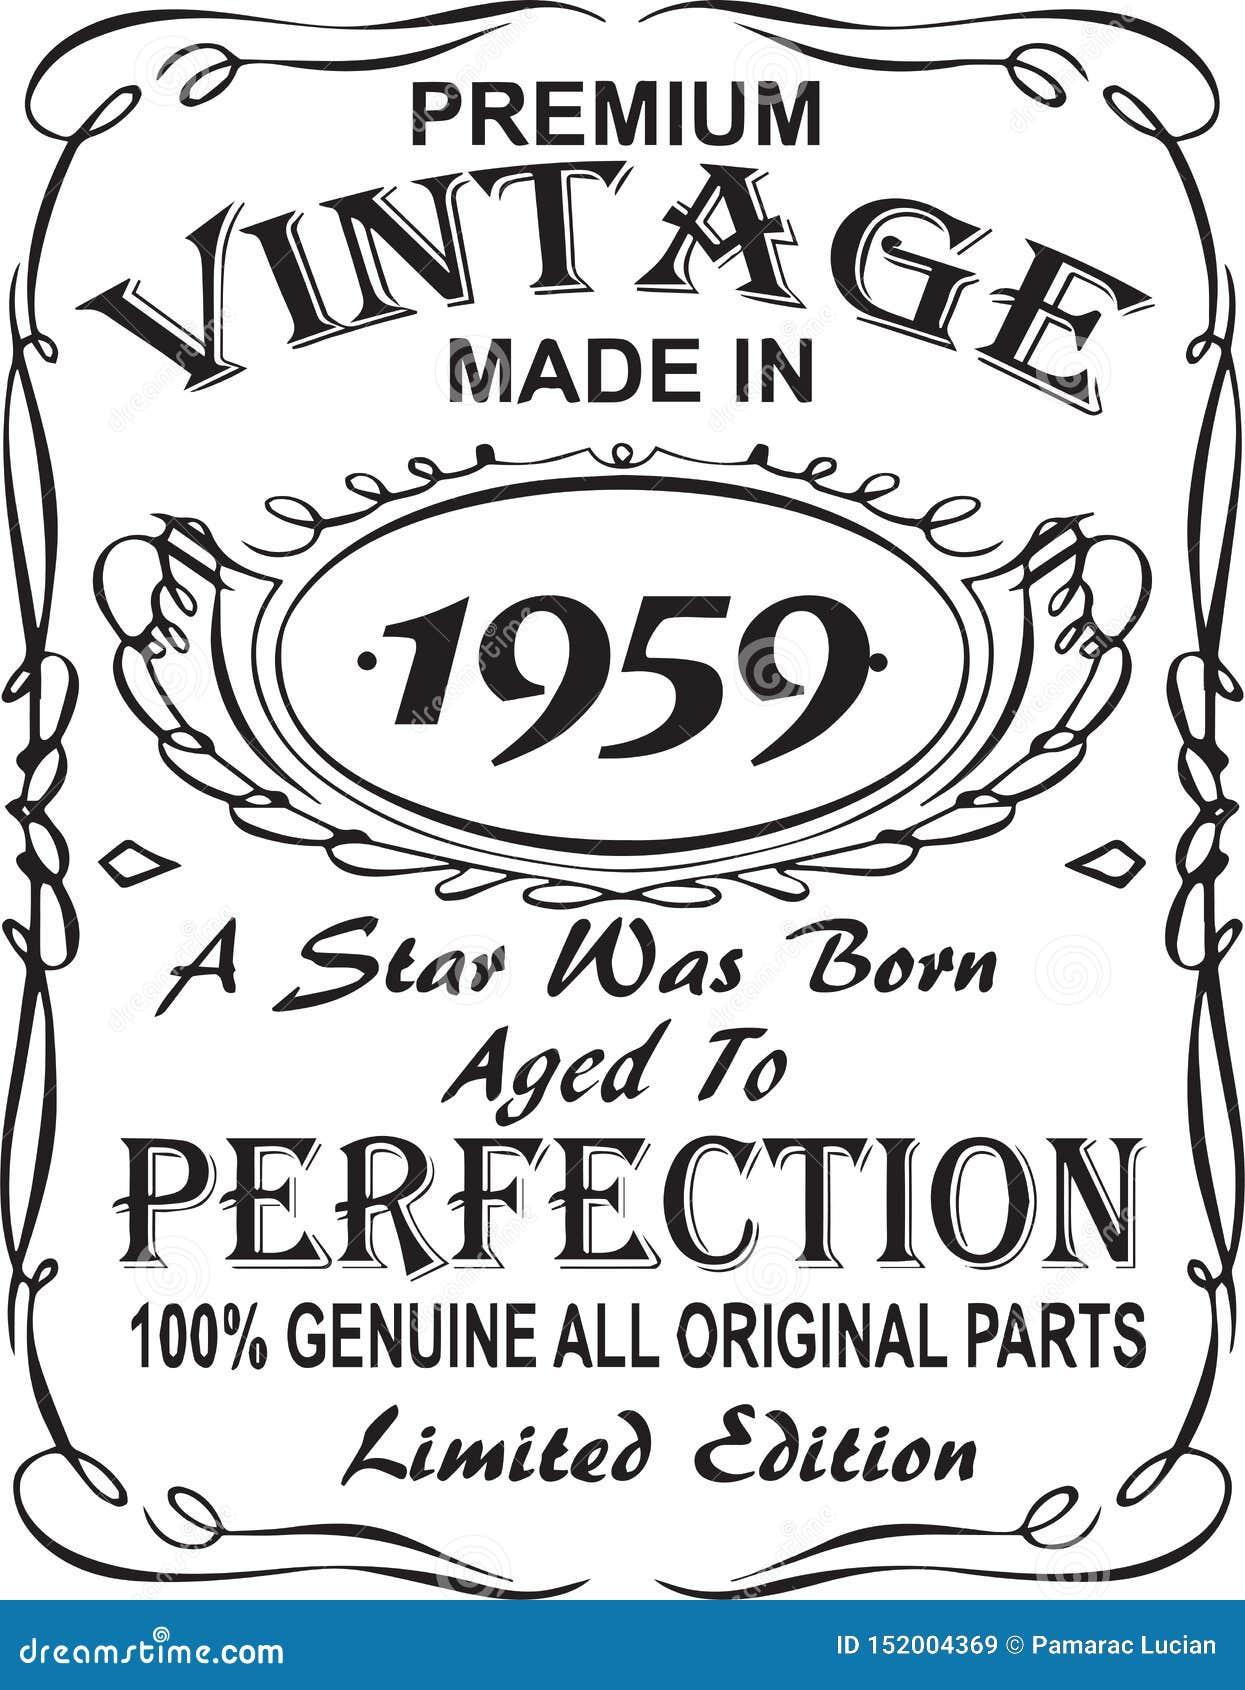 矢量T恤杉印刷品设计 优质葡萄酒在星出生的1959年做的变老了对完美100 真正所有原始的零件林